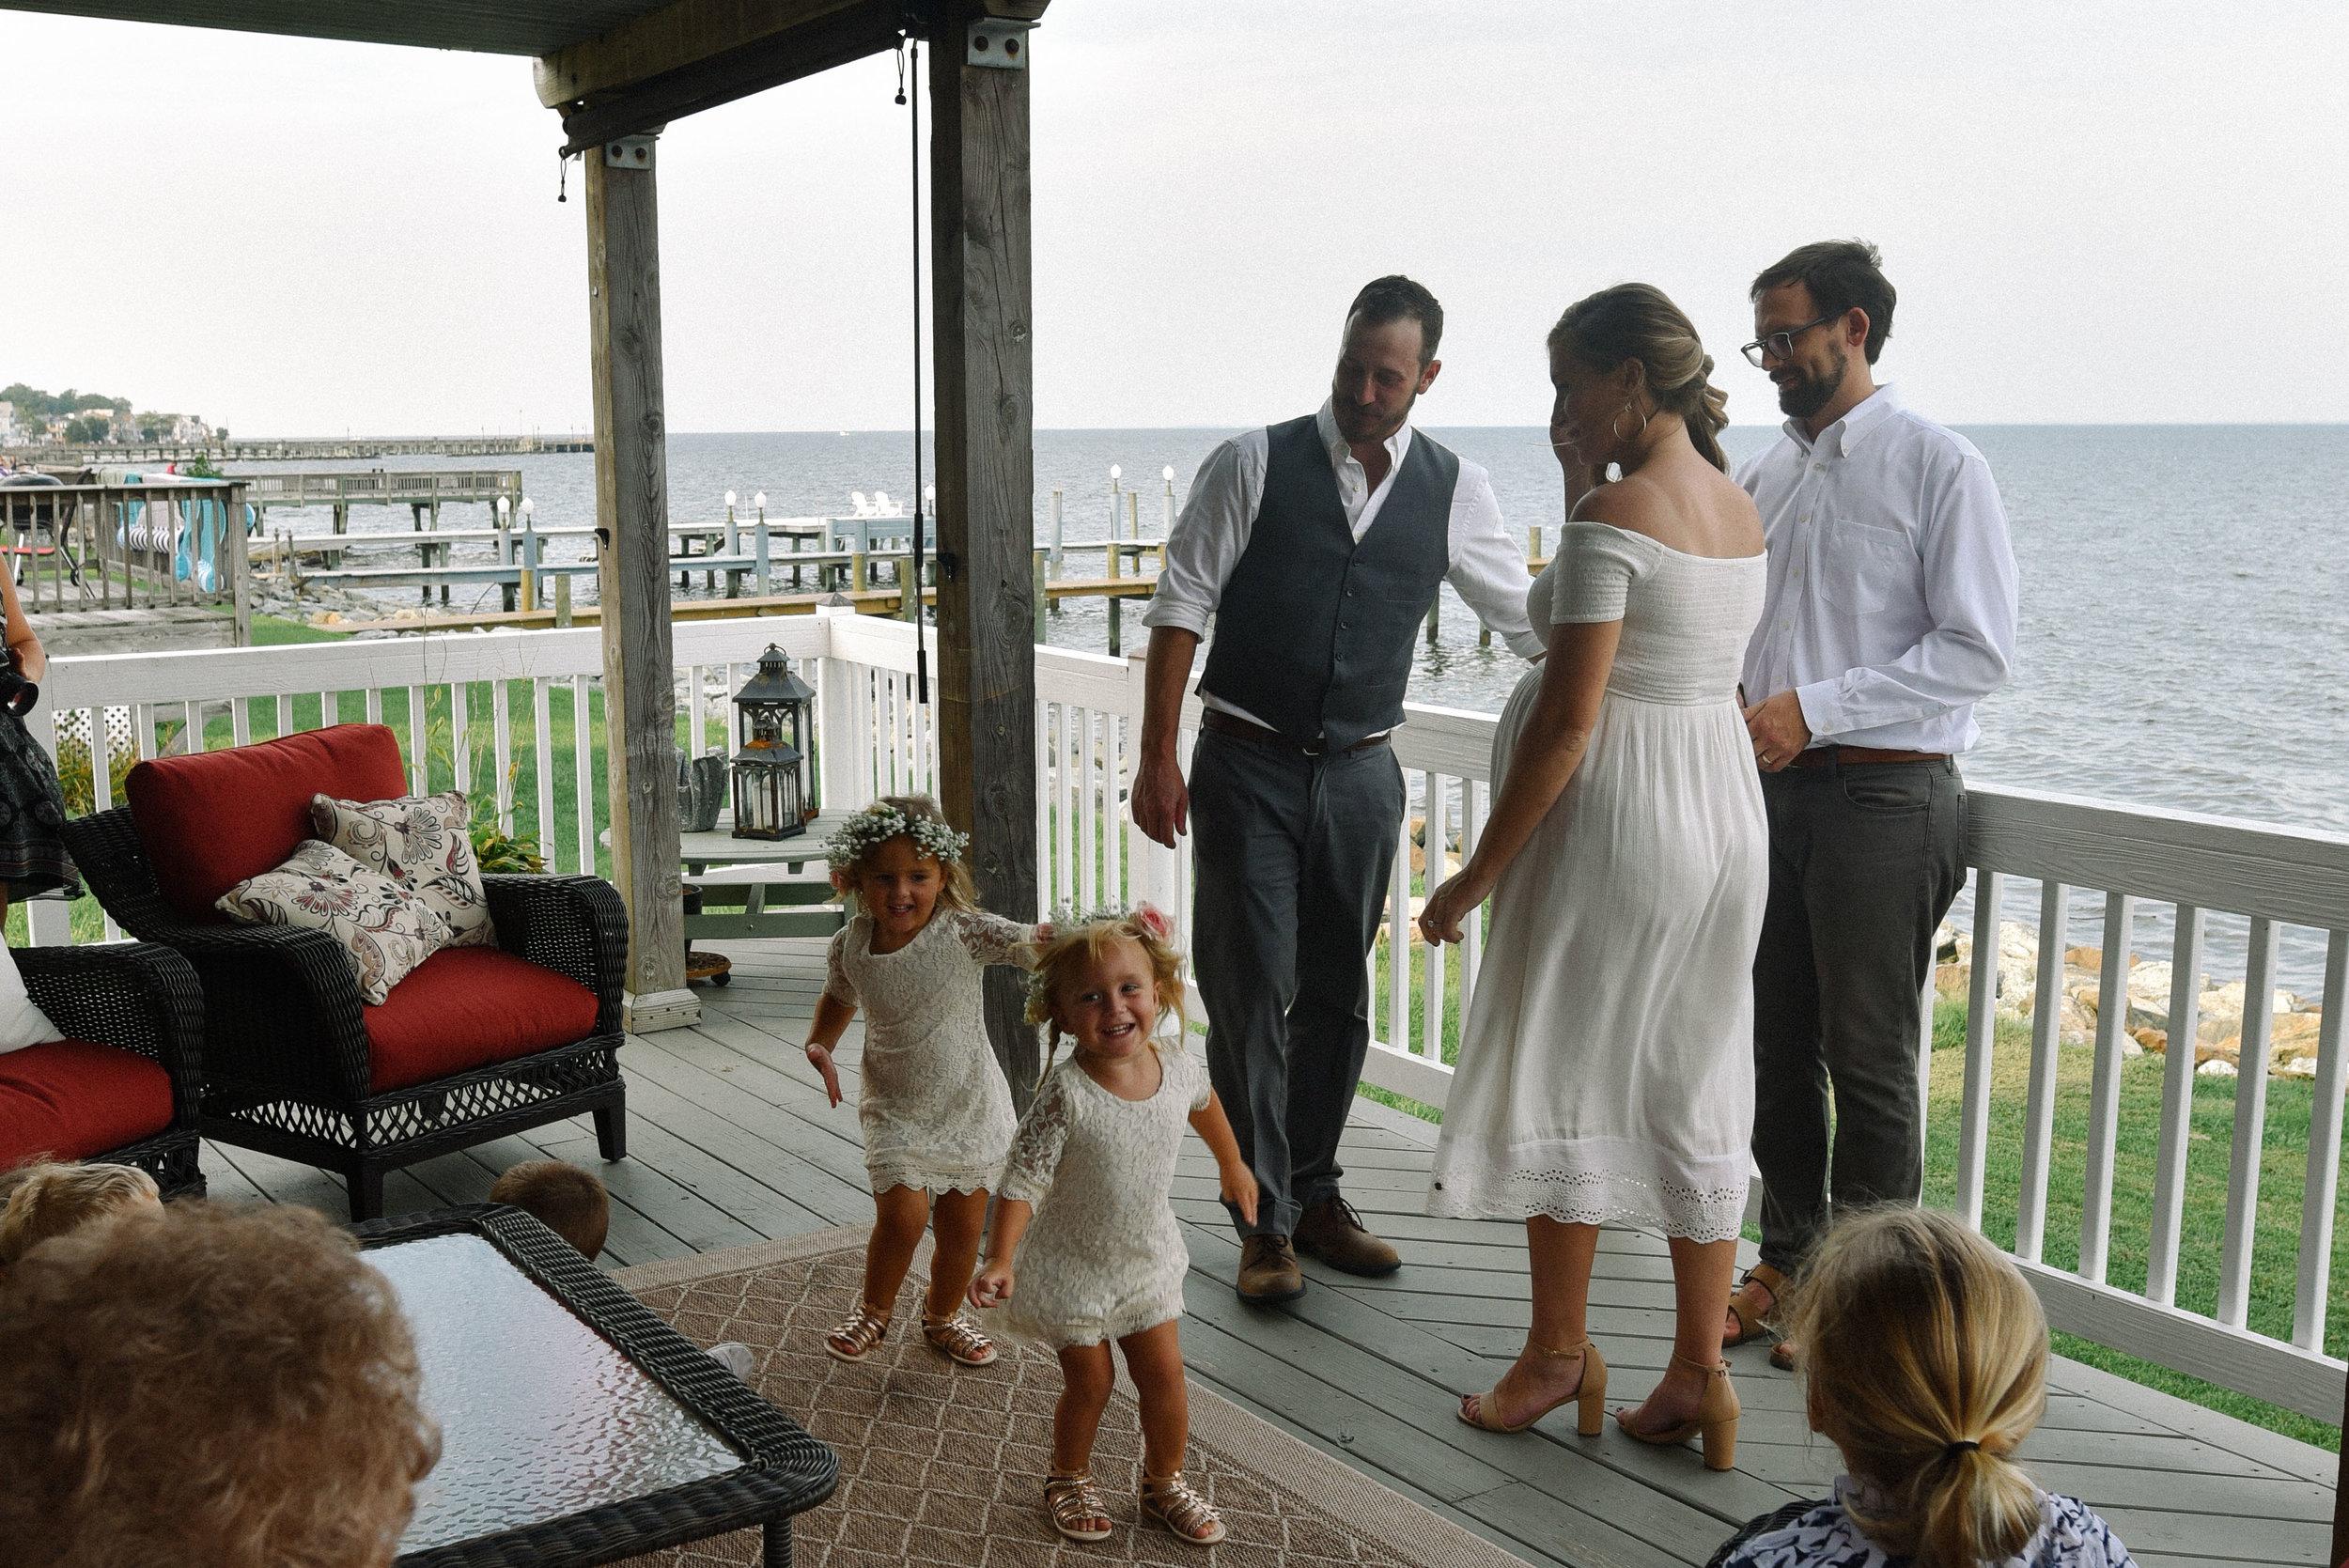 chesapeake_beach_backyard_wedding-46.jpg